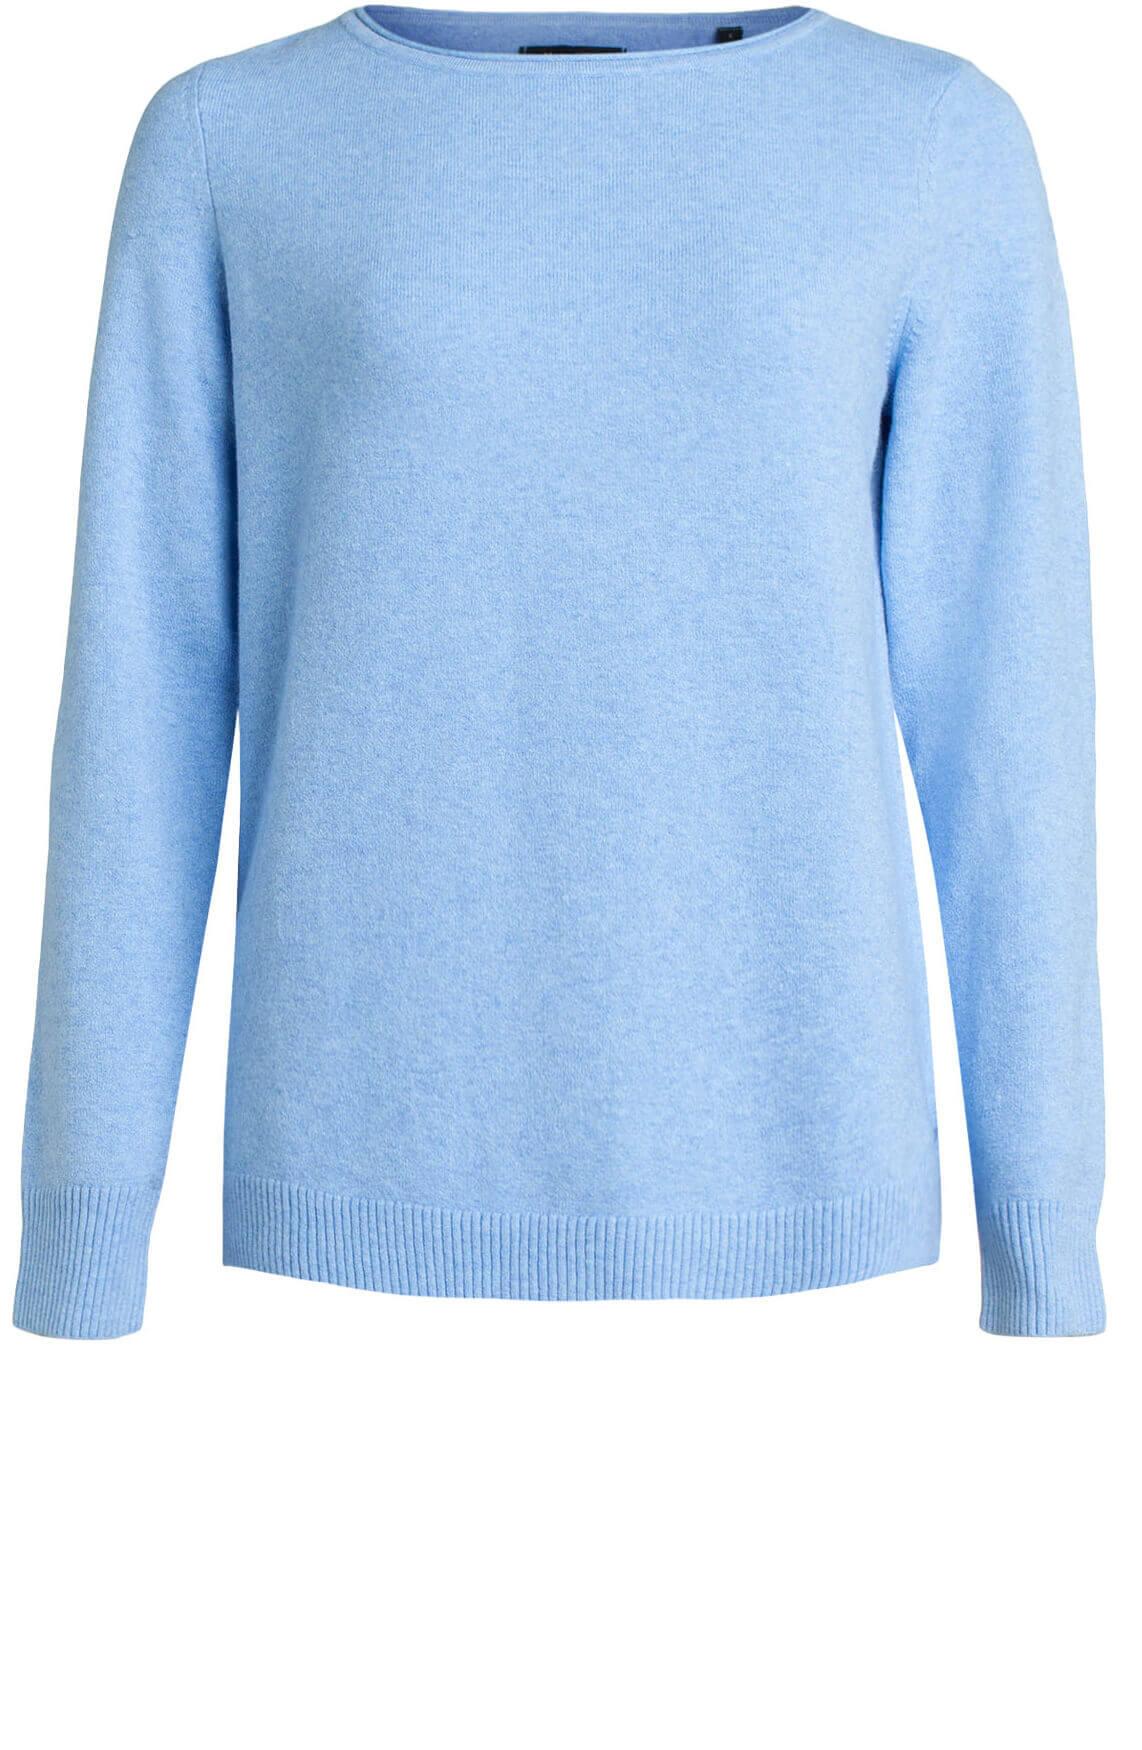 Marc O'Polo Dames Fijngebreide pullover Blauw